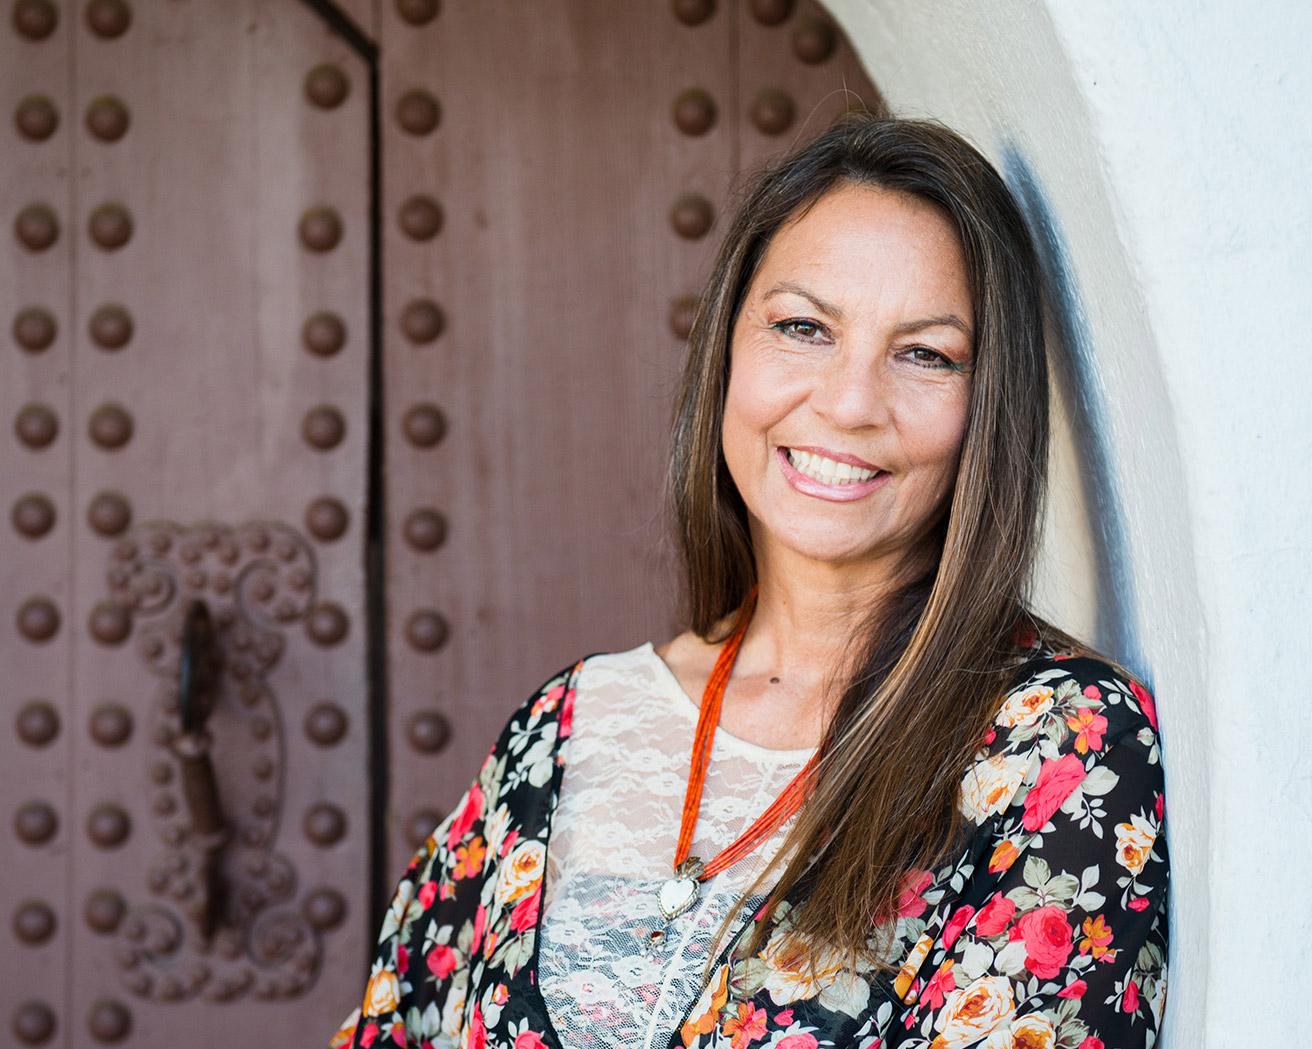 Image of Dina Gilio-Whitaker